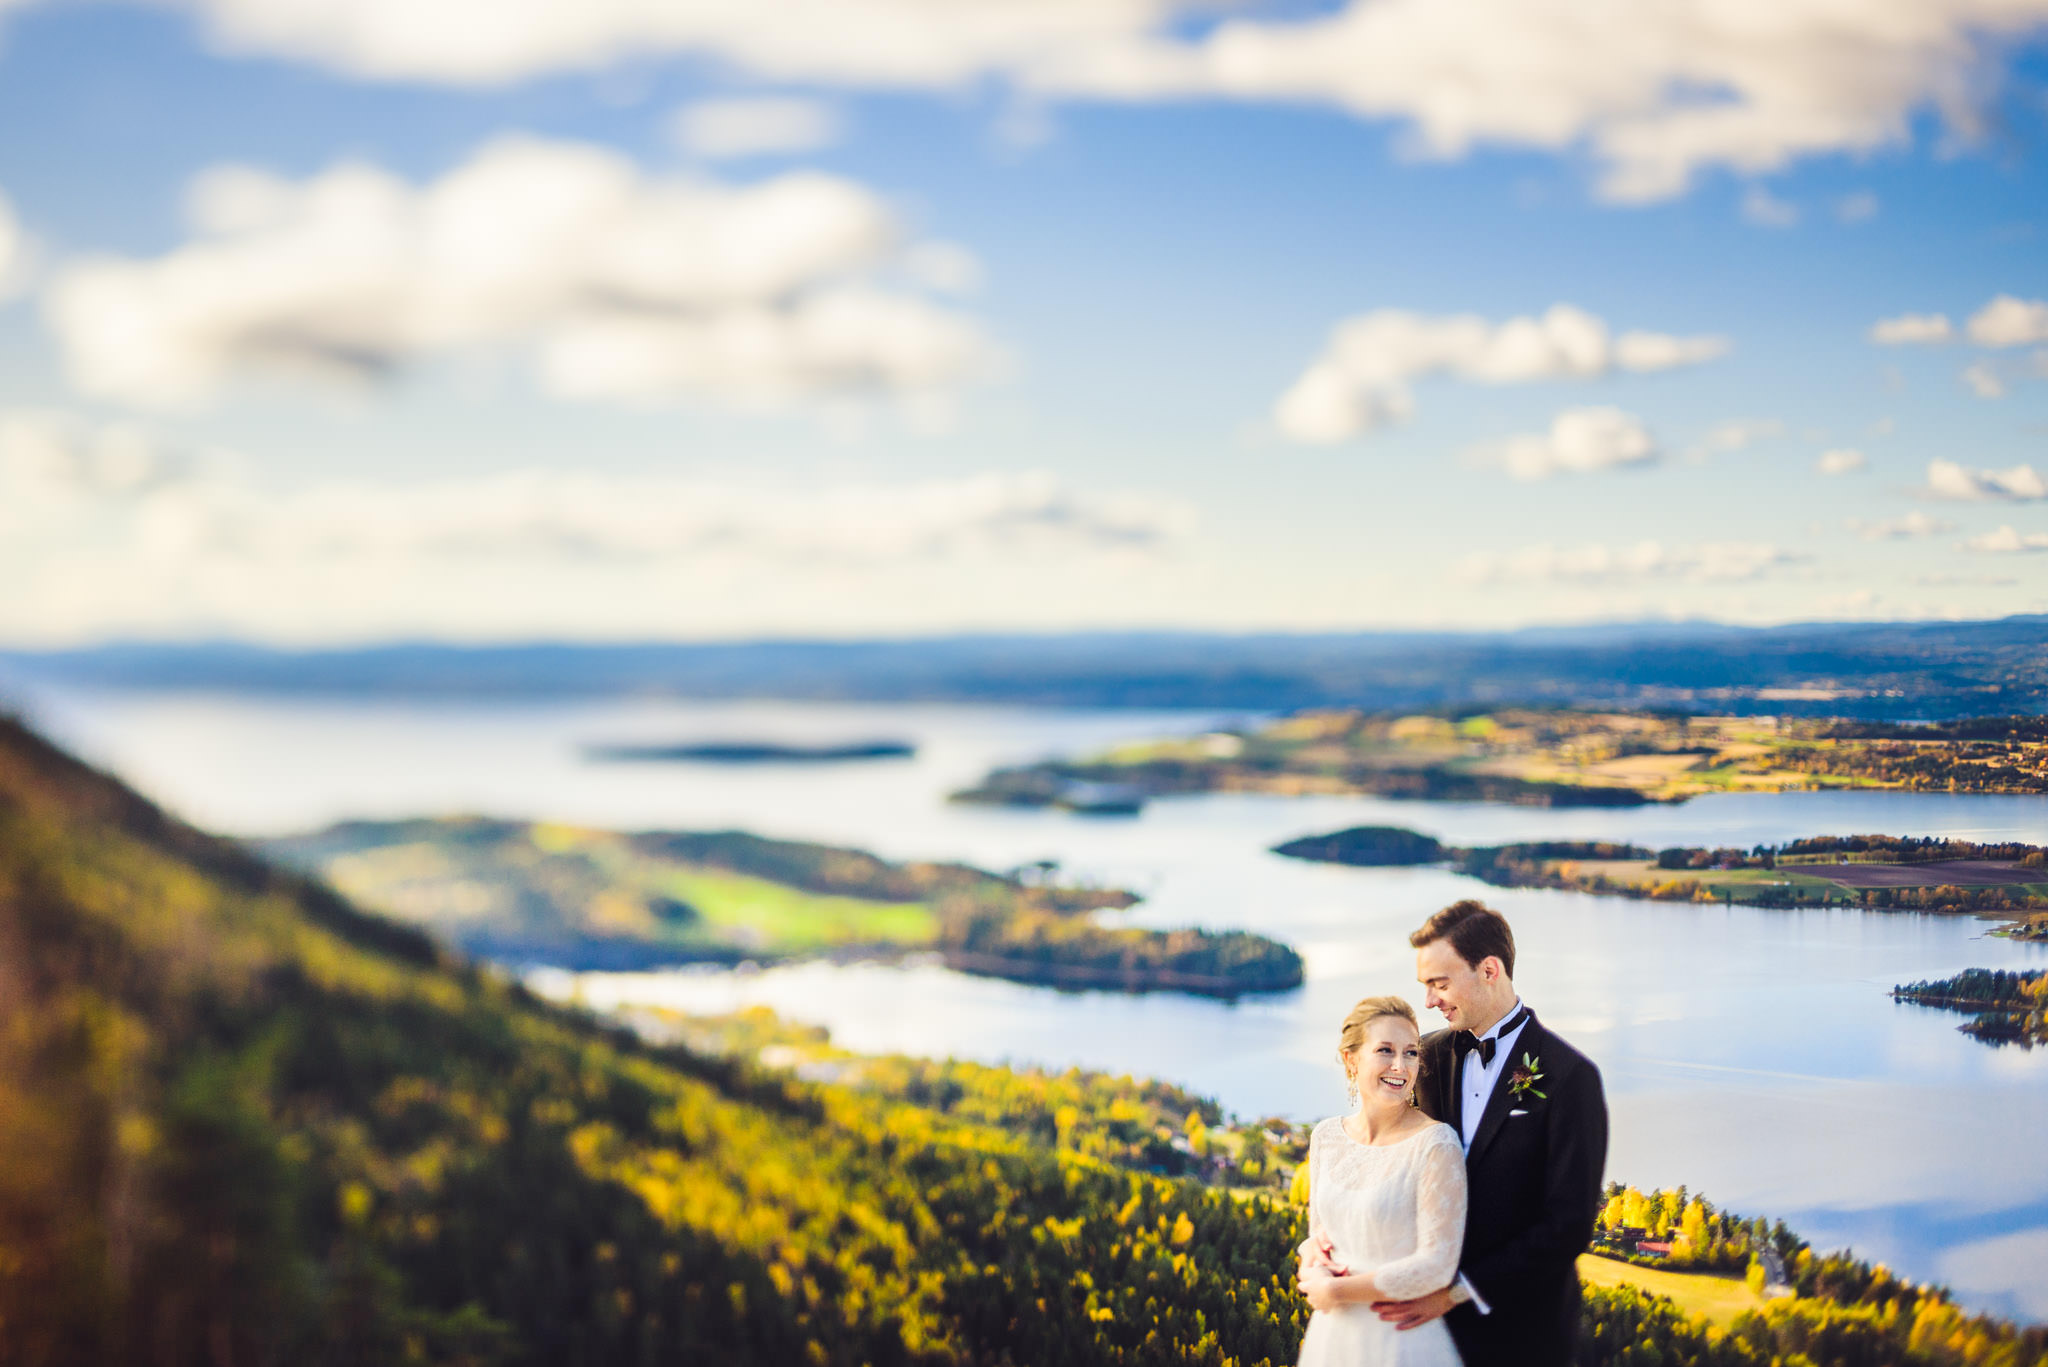 Eirik Halvorsen Mari og Andreas blog bryllup-21.jpg